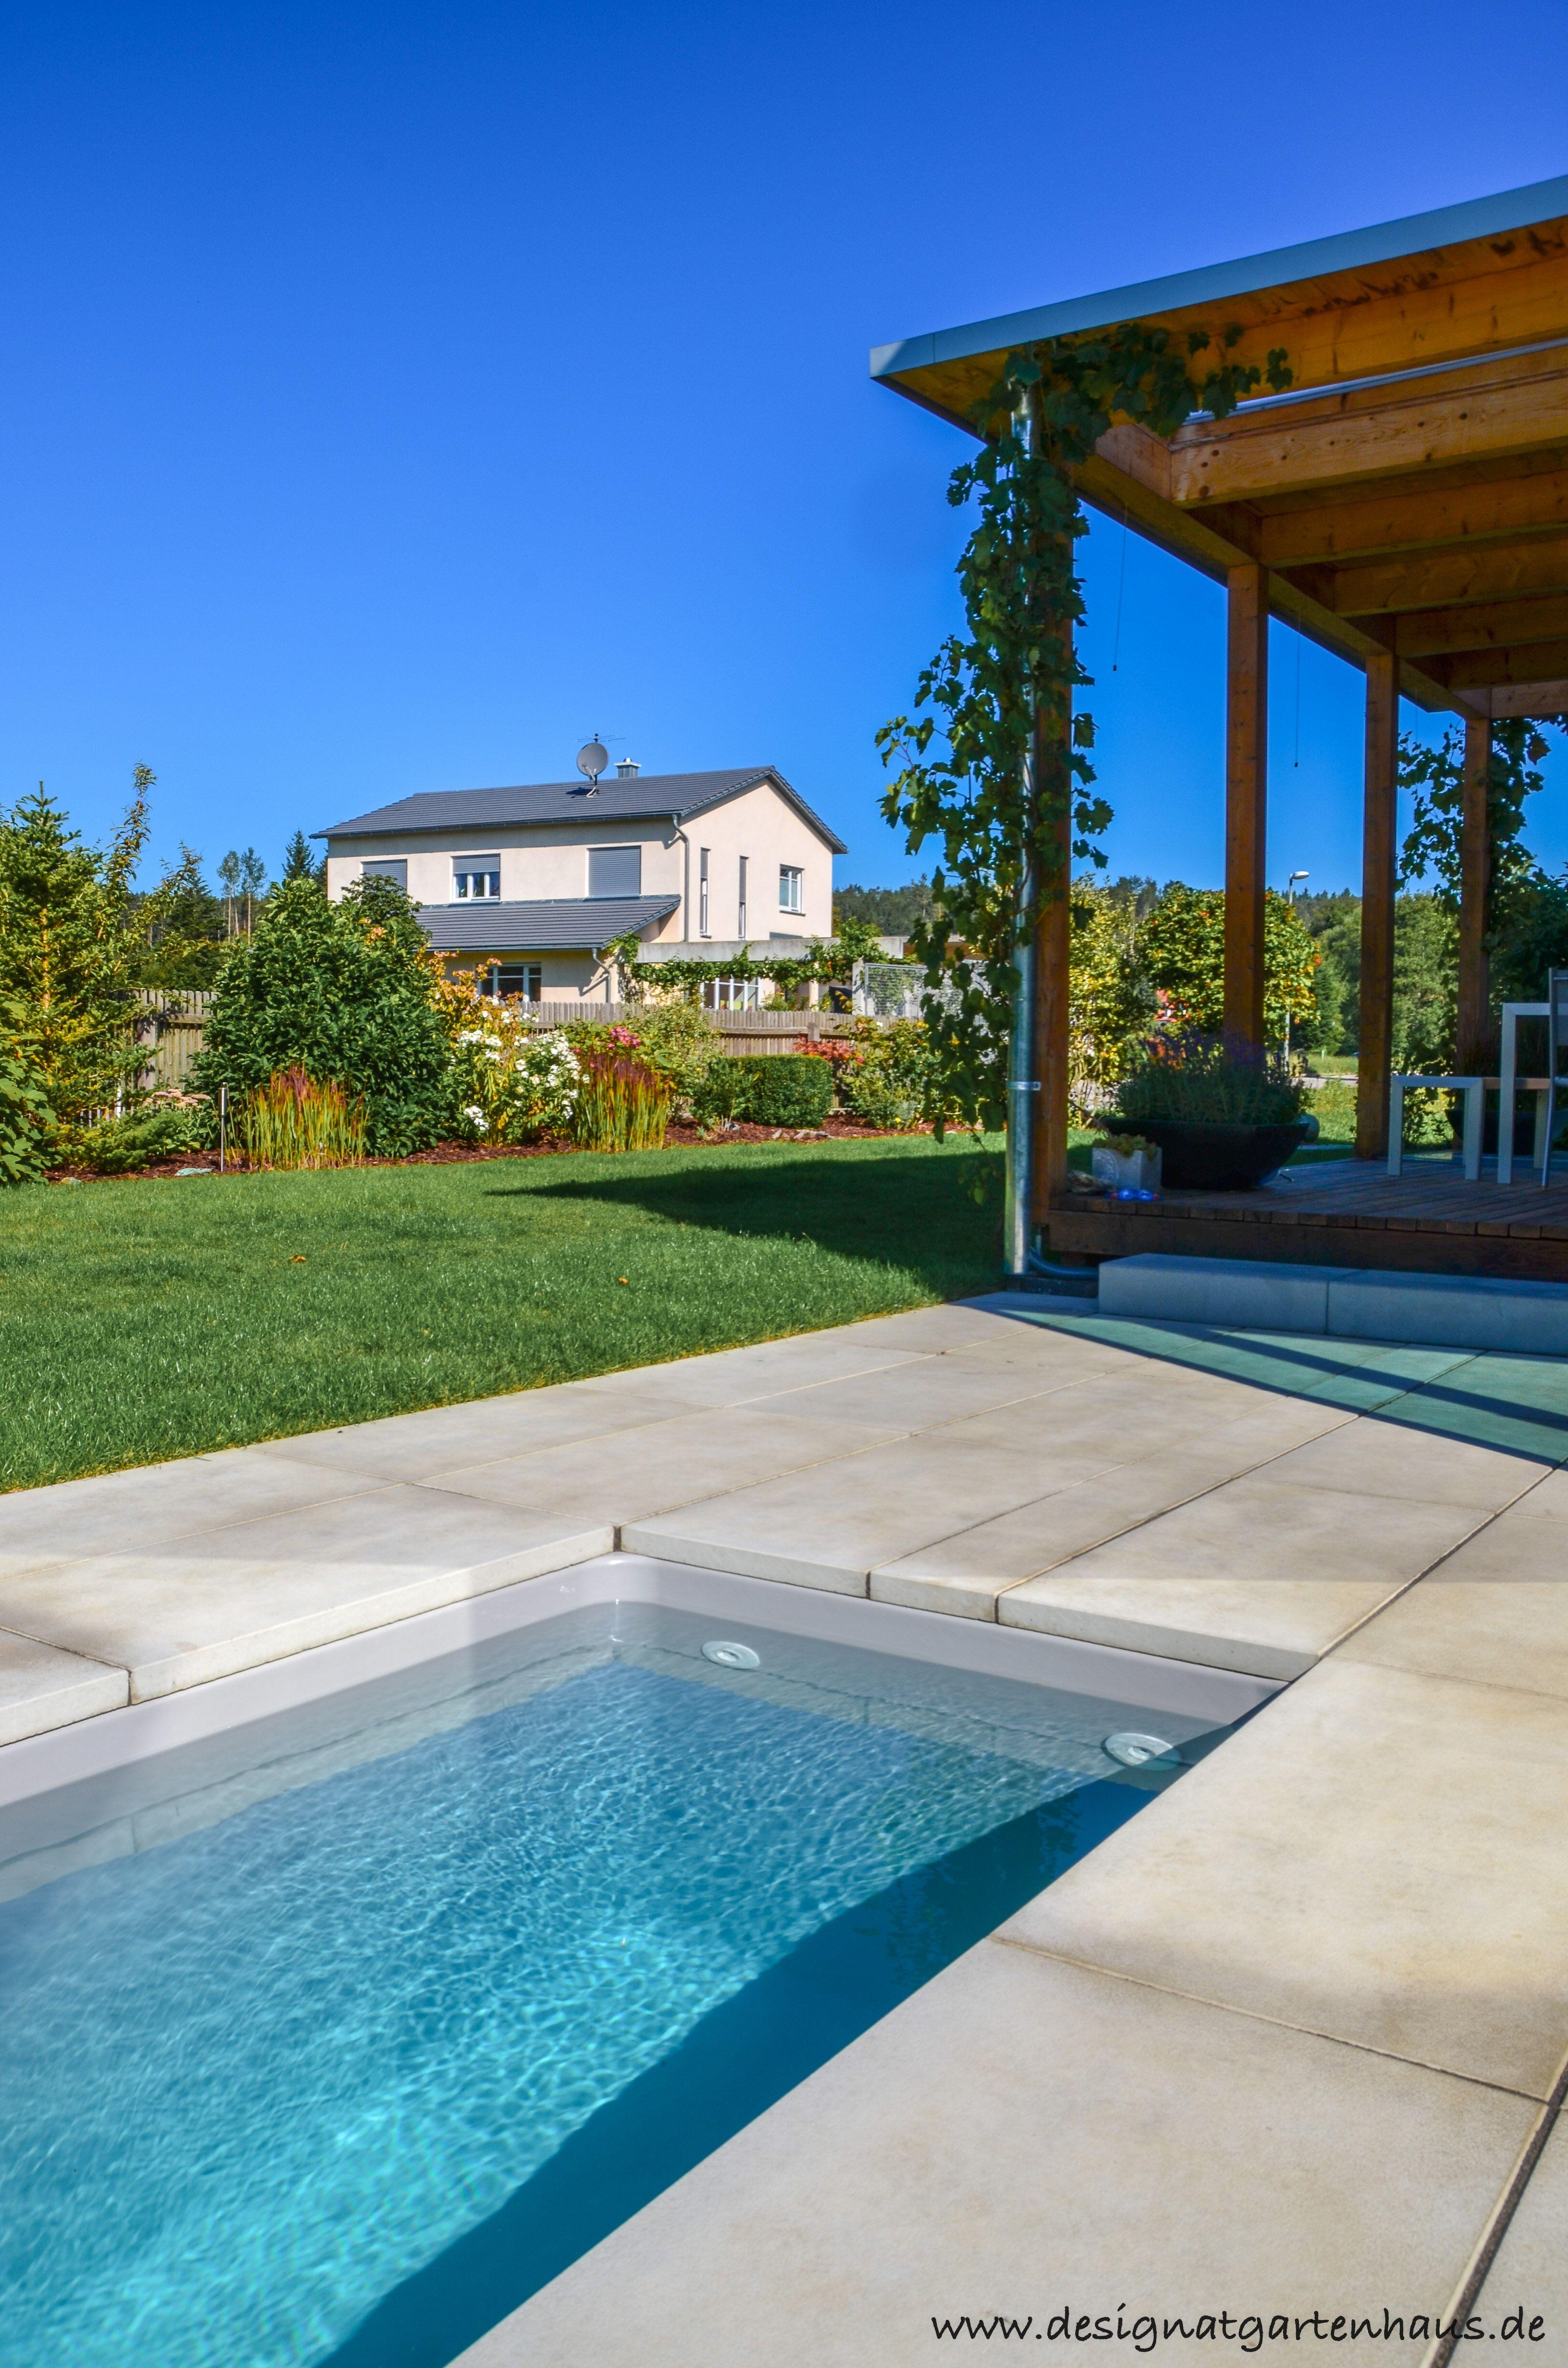 Stein Garten Design: Dekoration